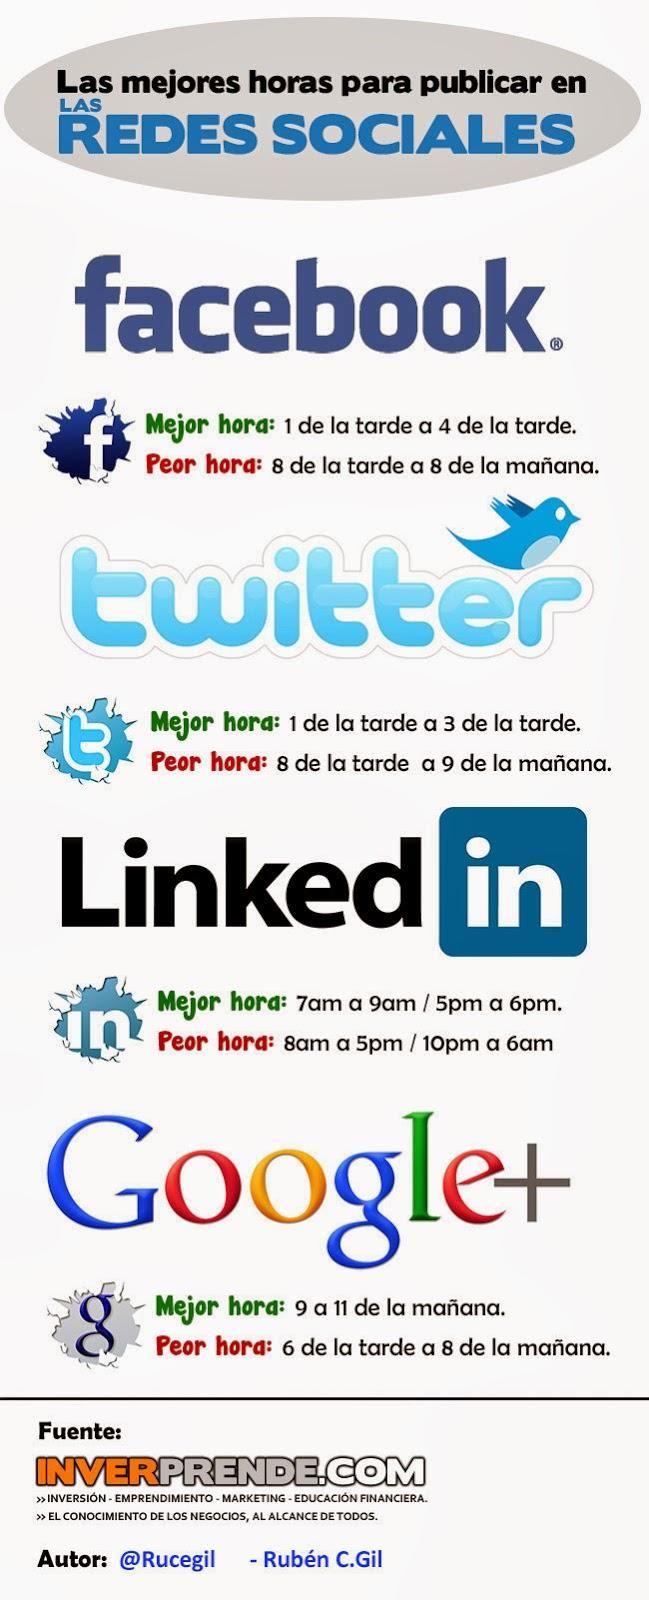 Horas para publicar en redes sociales